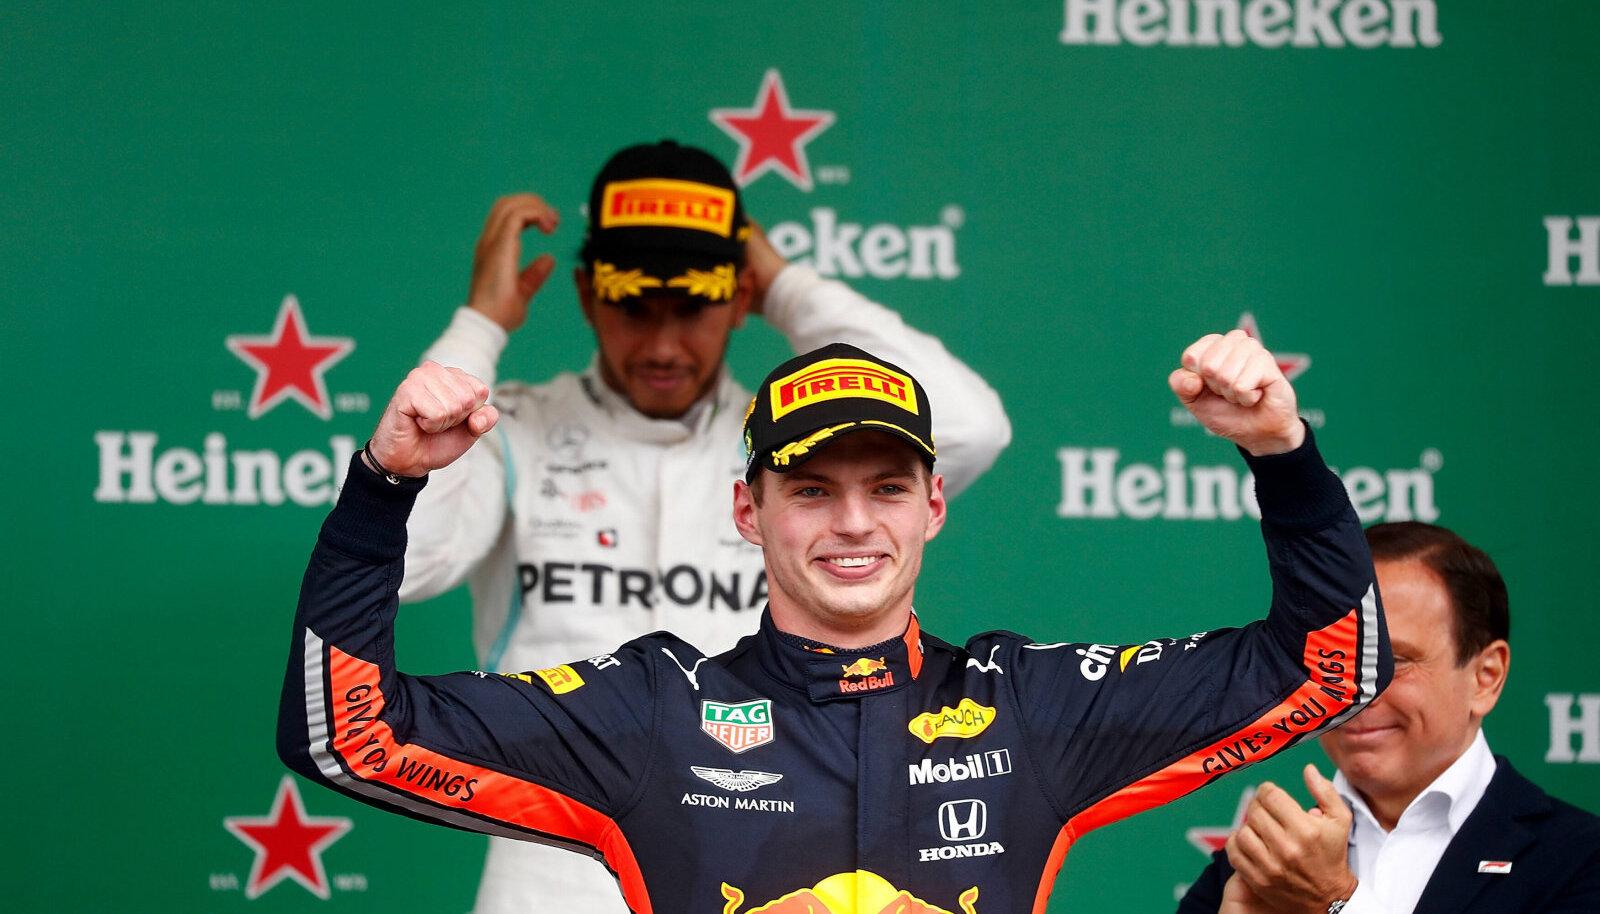 Kas Max Verstappen suudab tänavu Hamiltoni alistada?